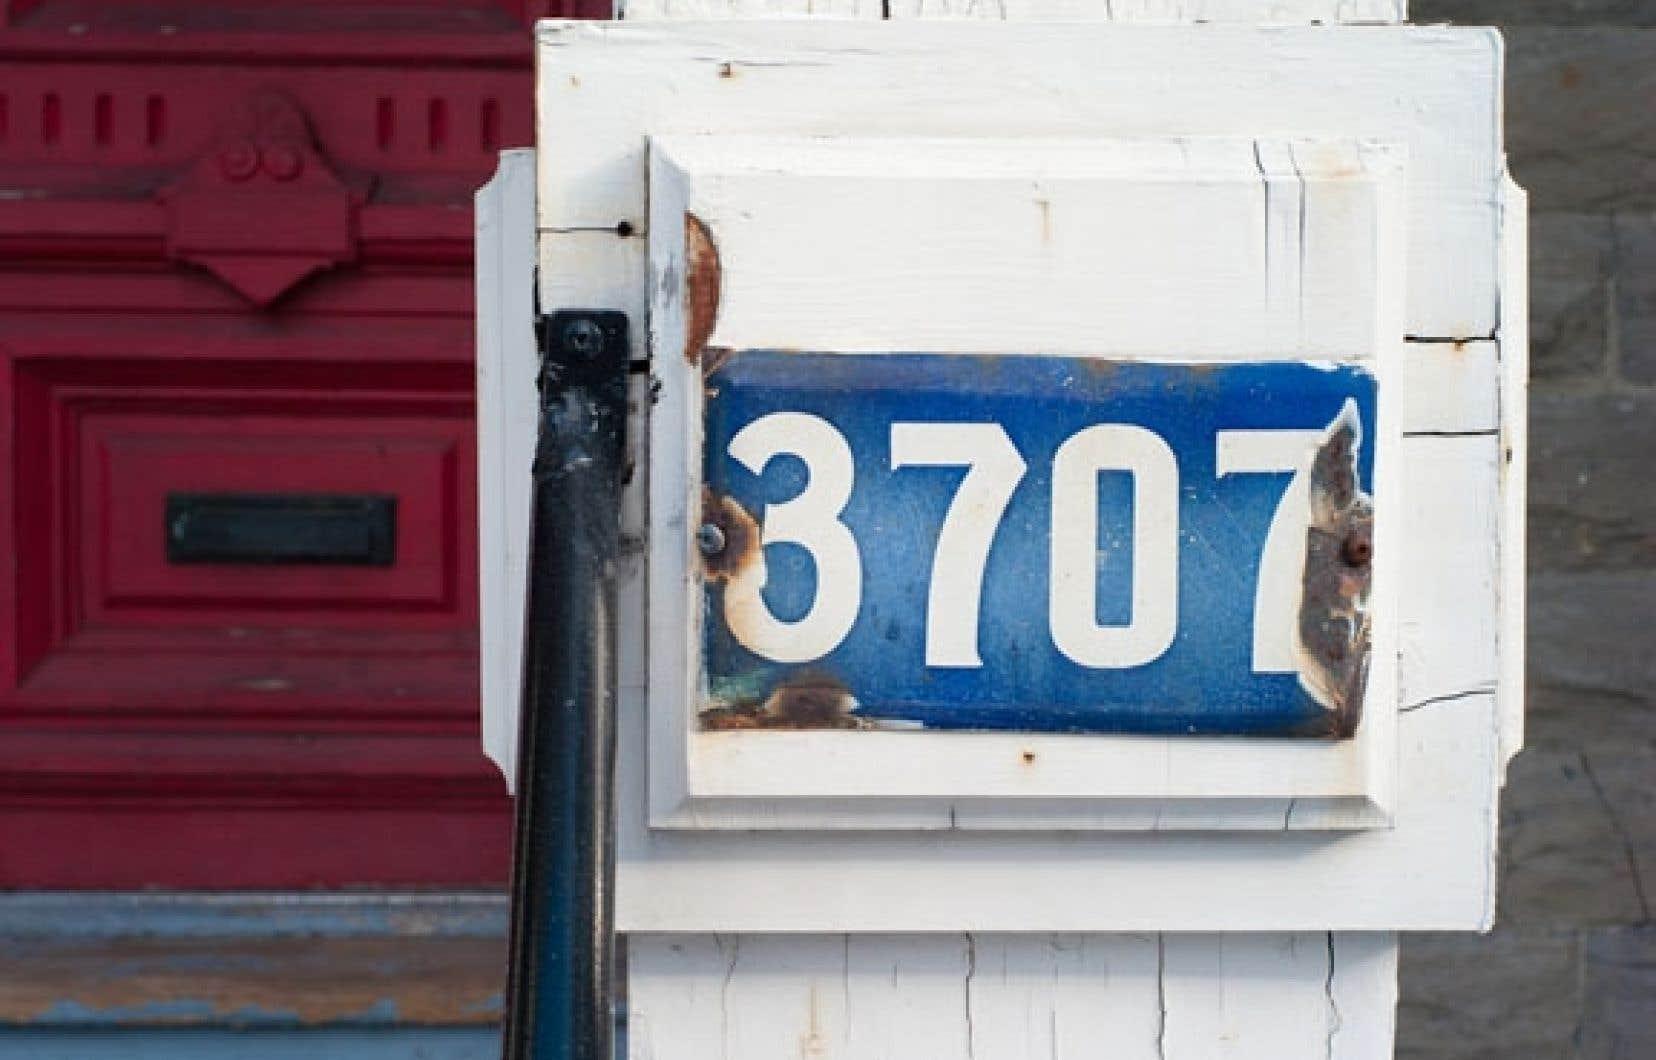 Les célèbres plaques d'adresse émaillées bleues qui ont distingué les rues de Montréal pendant près d'un siècle se font vieilles.